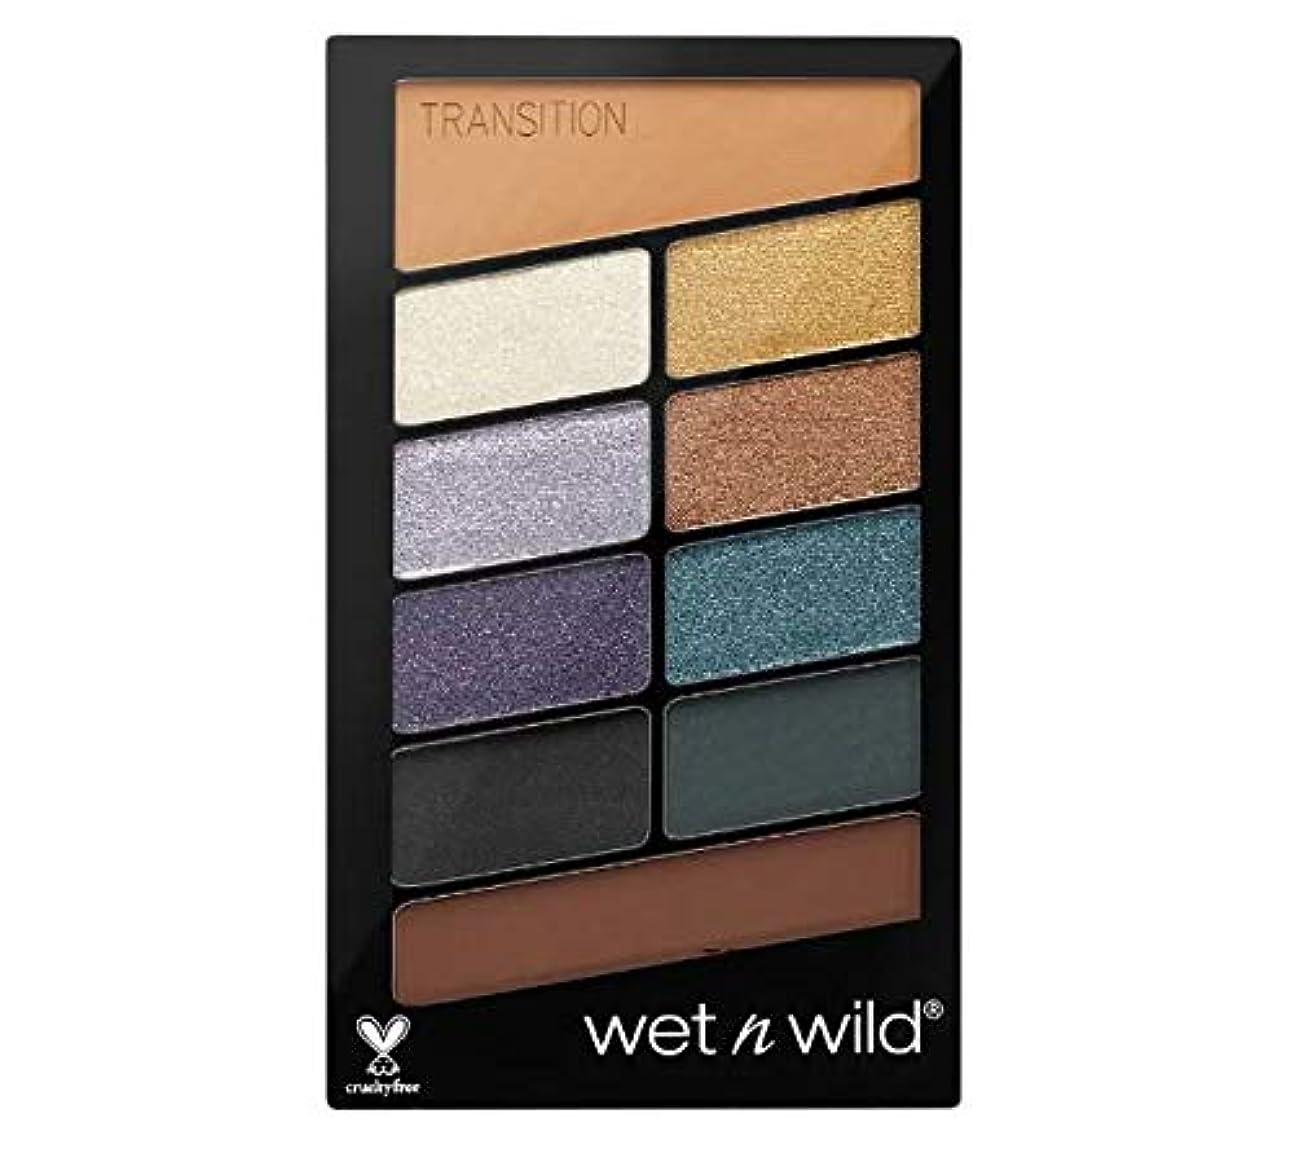 専門ユダヤ人求人Wet N Wild Color Icon Eyeshadow 10 Pan Palette (Cosmic Collision) 海外直送 [並行輸入品]